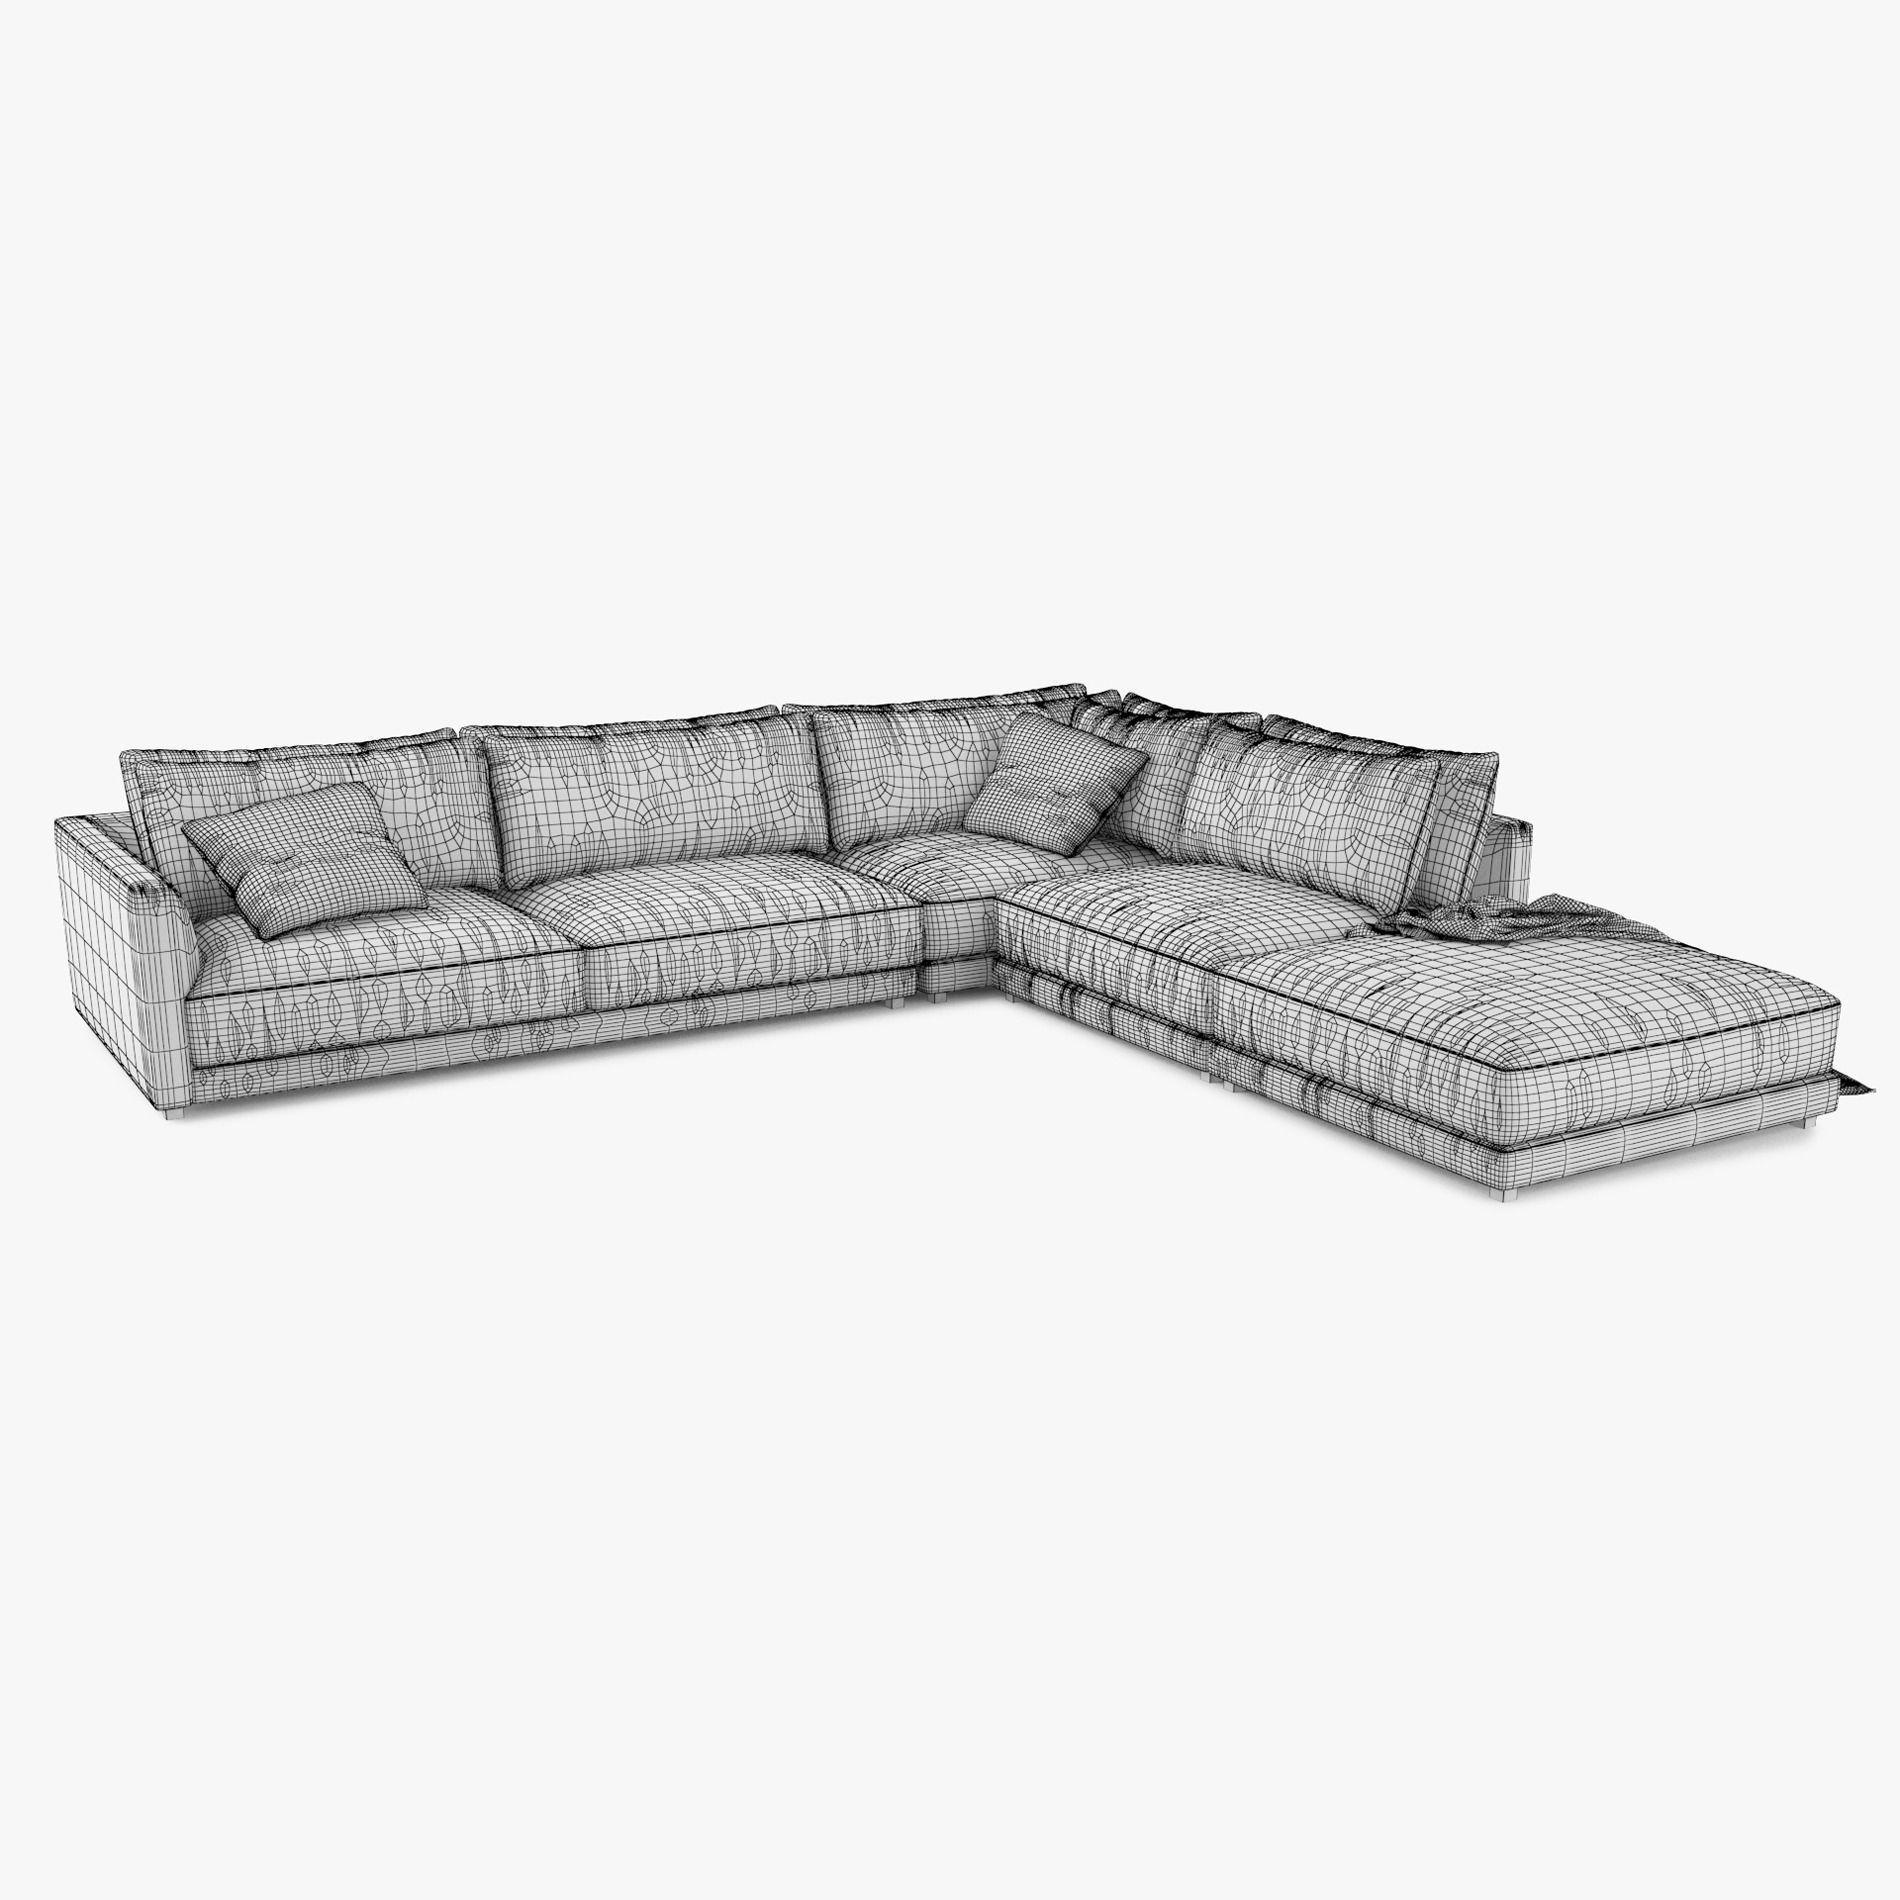 ... poliform bristol sofa 3d model 3d model max obj mtl 3ds fbx 9 ...